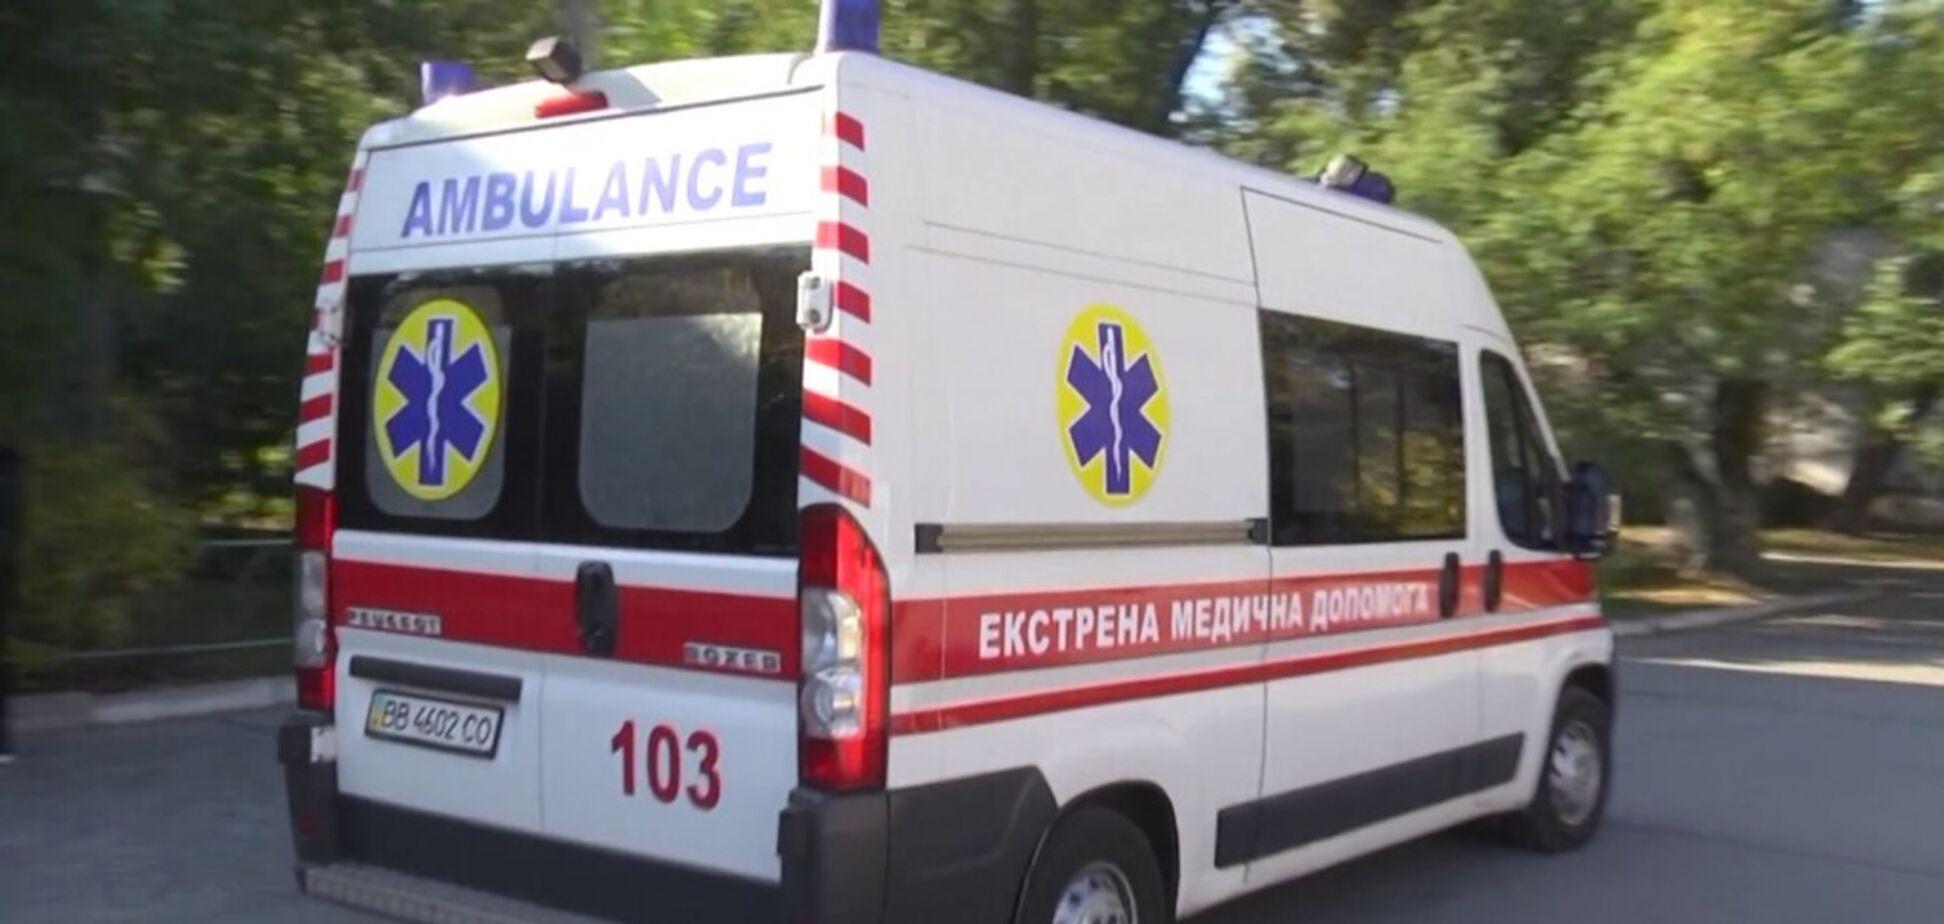 'Врач отправила на смерть': вокруг гибели младенца на Кировоградщине разгорелся скандал